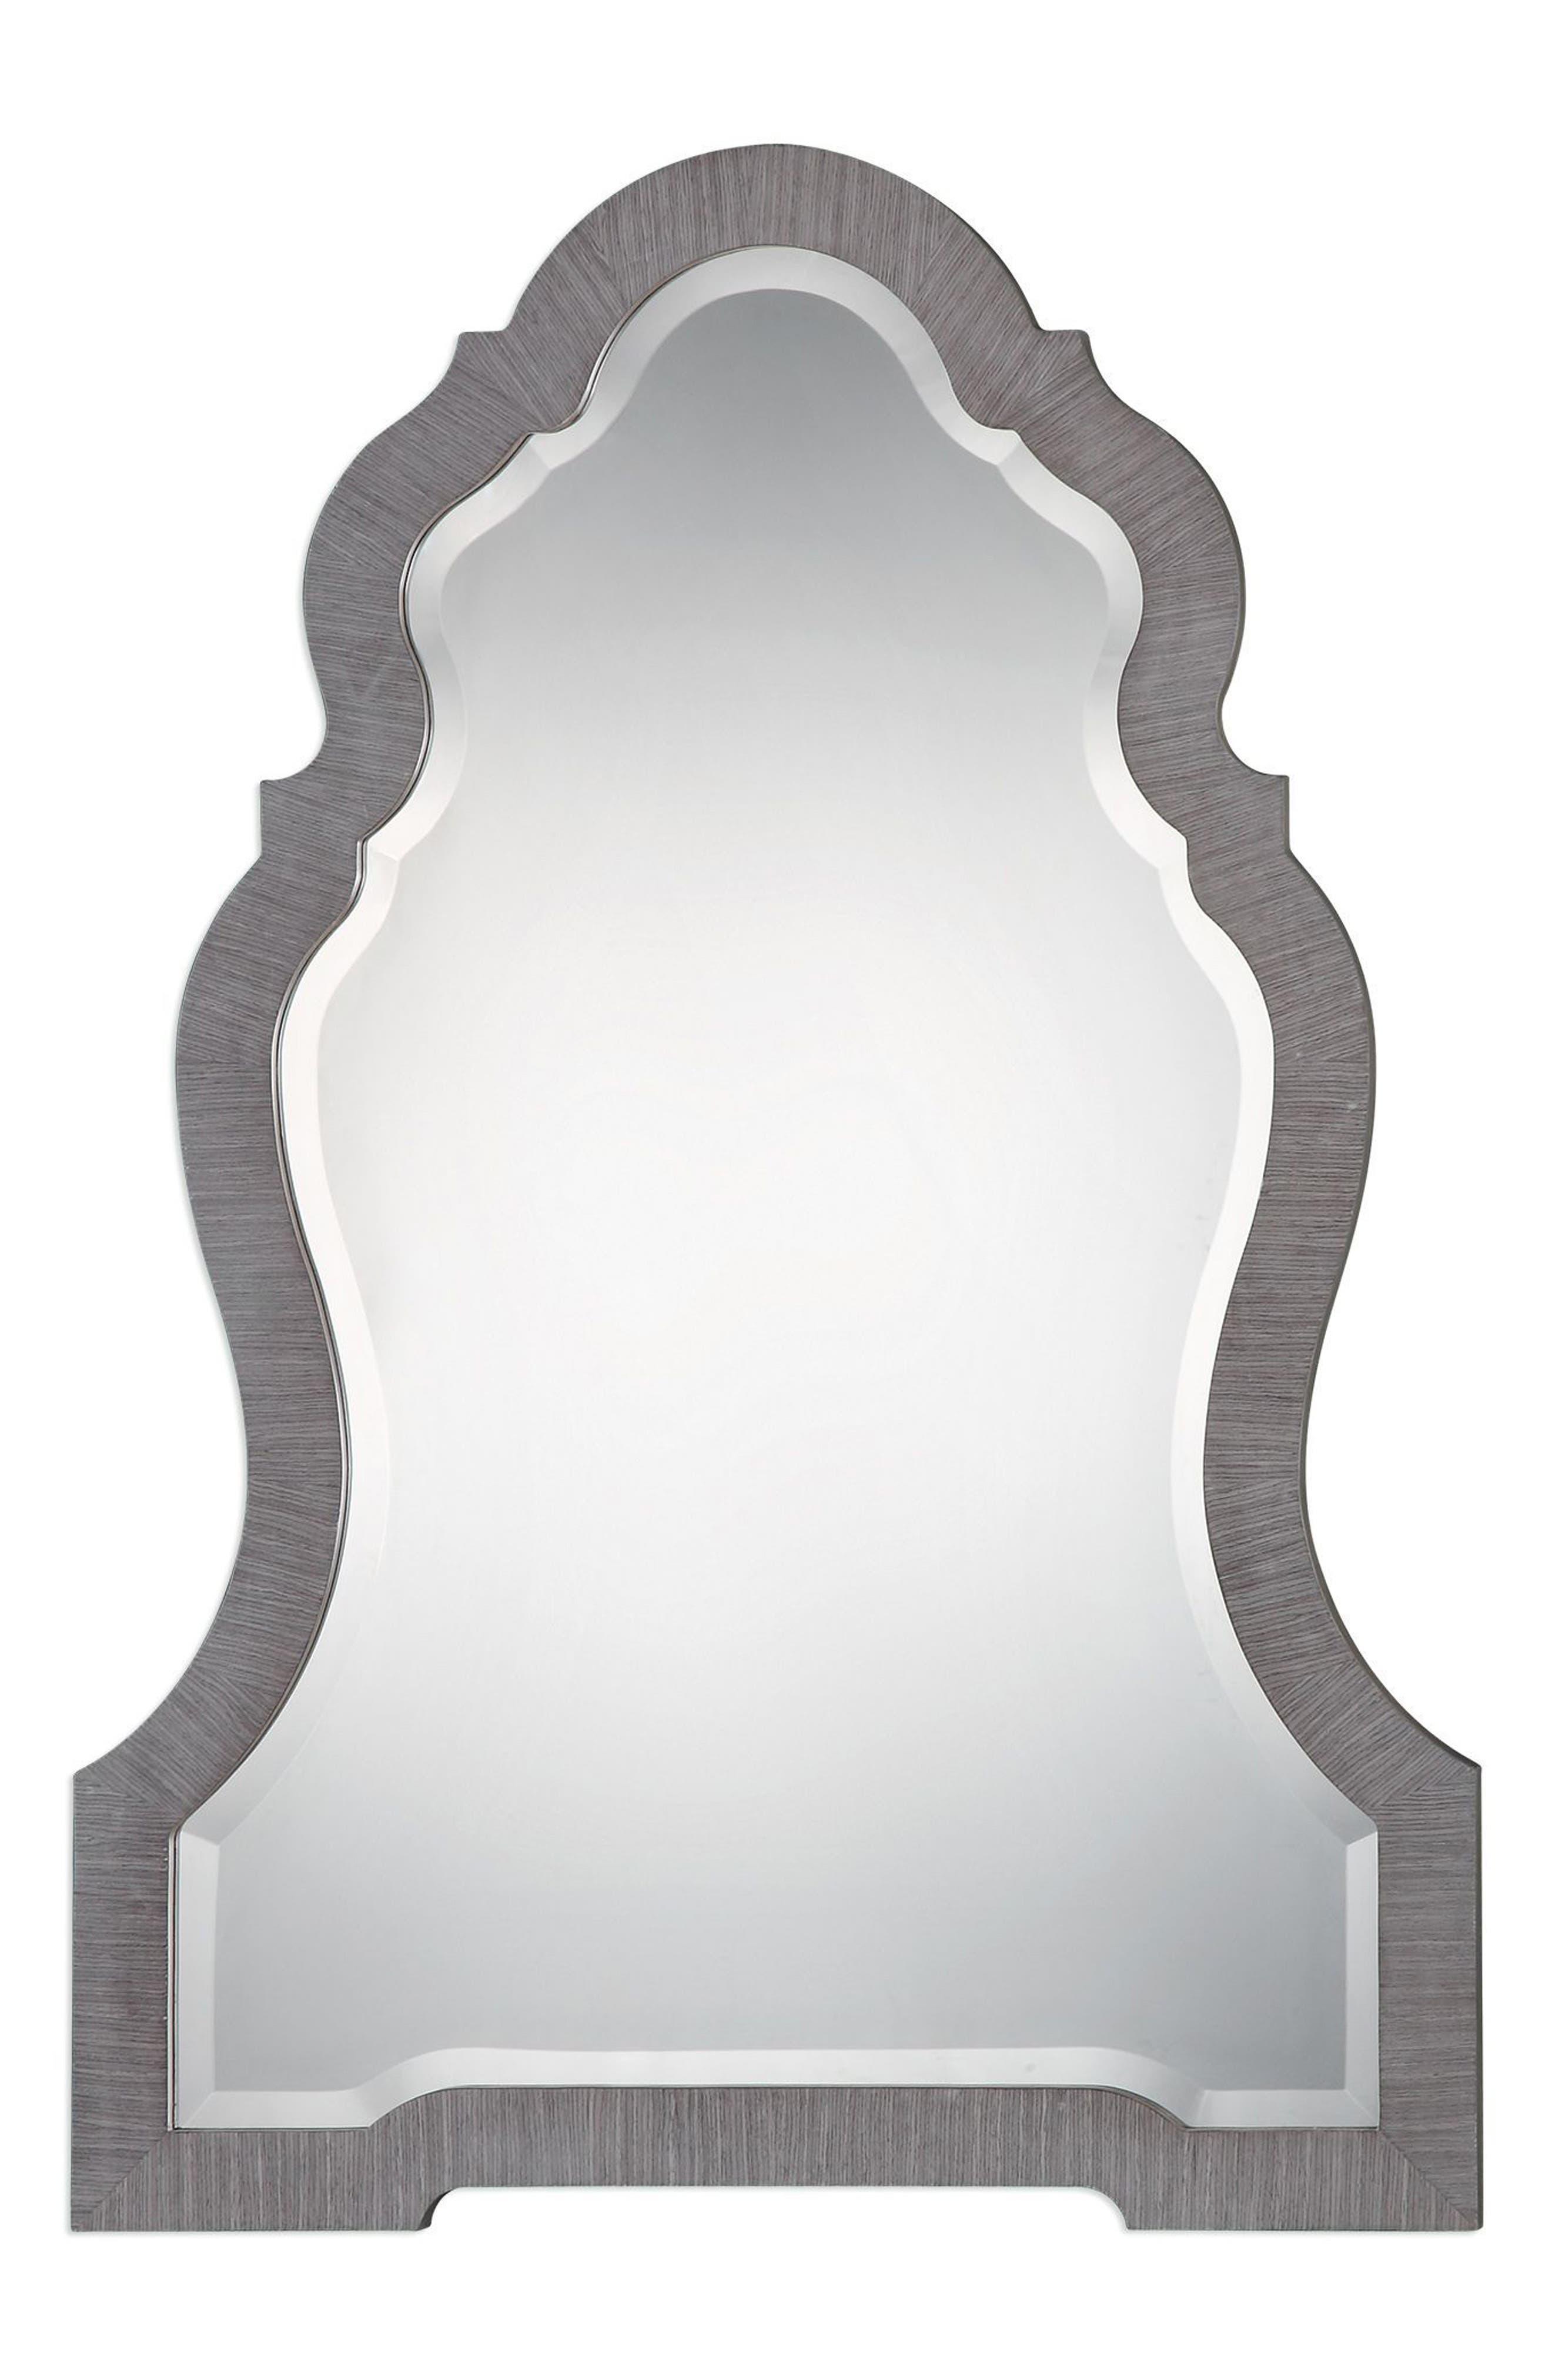 Main Image - Uttermost Carroll Wall Mirror